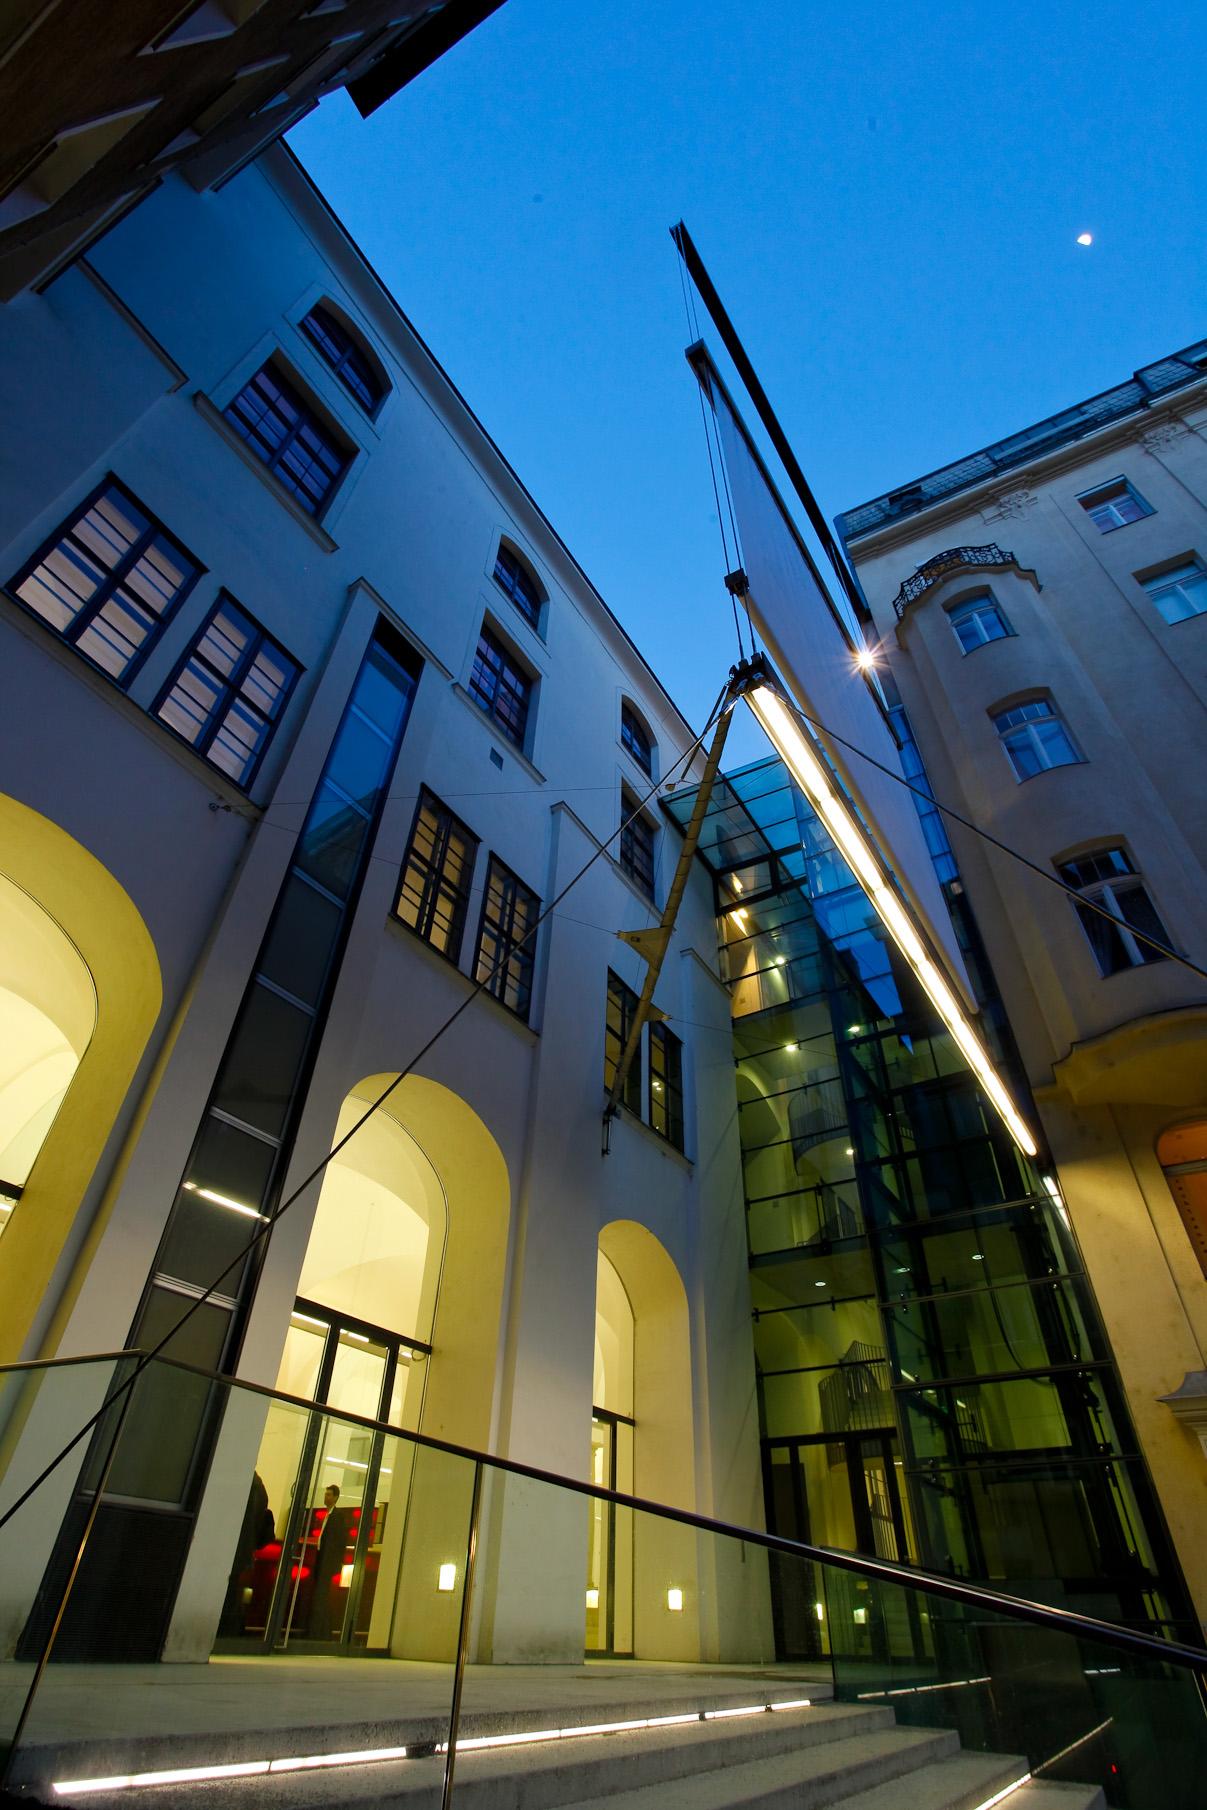 Keine andere Location in Wien bietet diesen Mix aus stilvollen, historischen Räumen und großangelegten Glasflächen. Modernster Technik und einer einzigartig, zentralen Lage in 1010 Wien